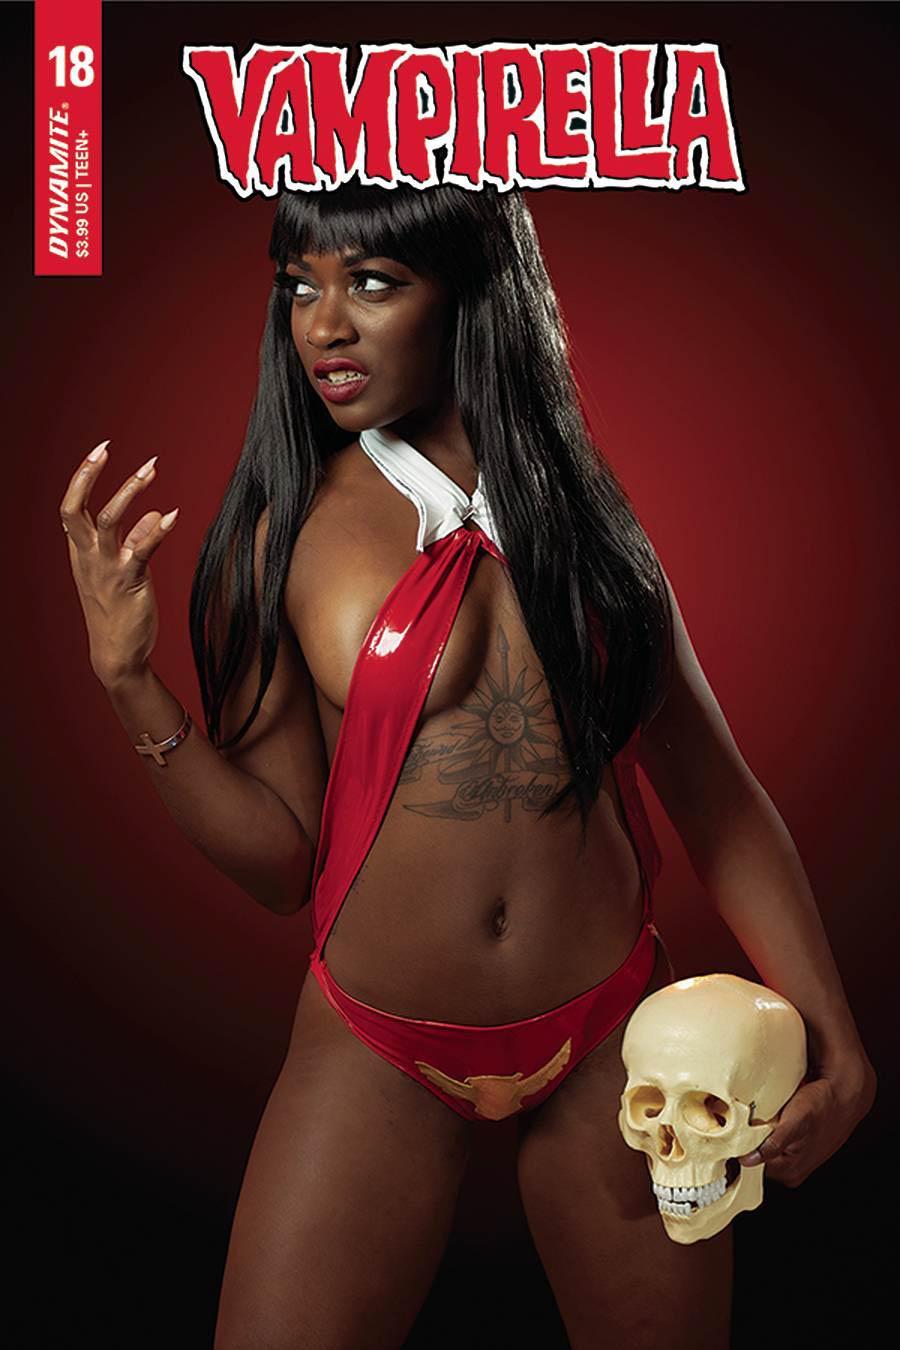 Vampirella Vol 8 #18 Cover E Variant Maki Roll Cosplay Photo Cover